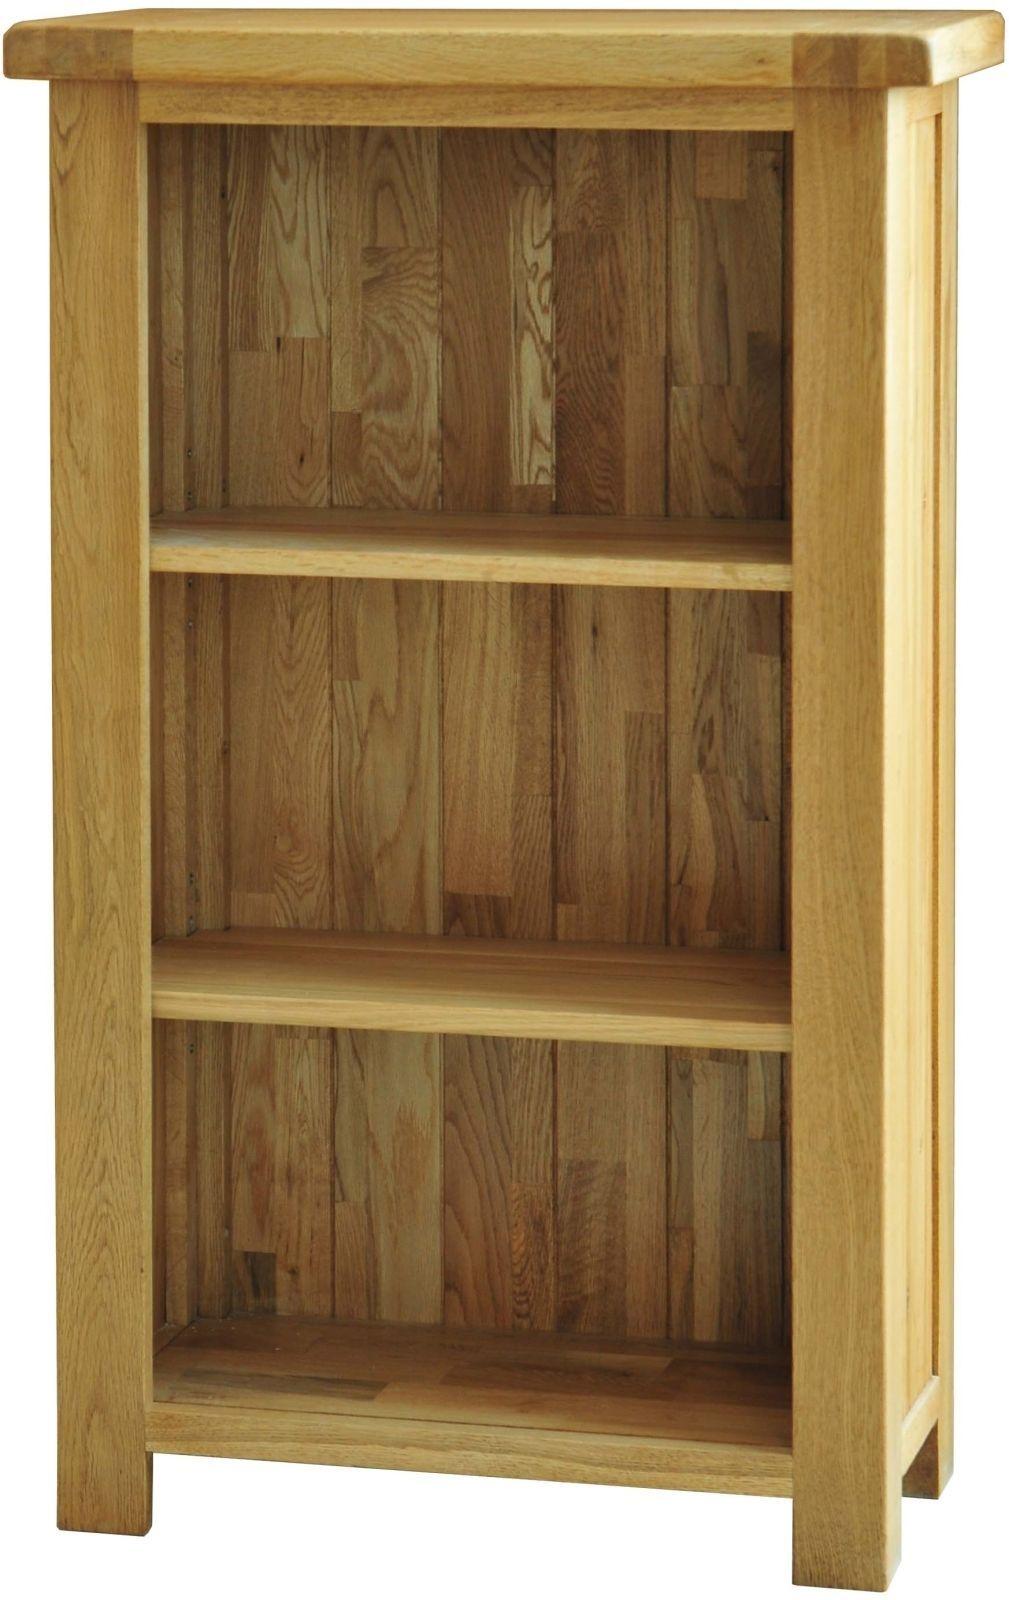 Details About Grasmere Solid Oak Living Room Office Furniture